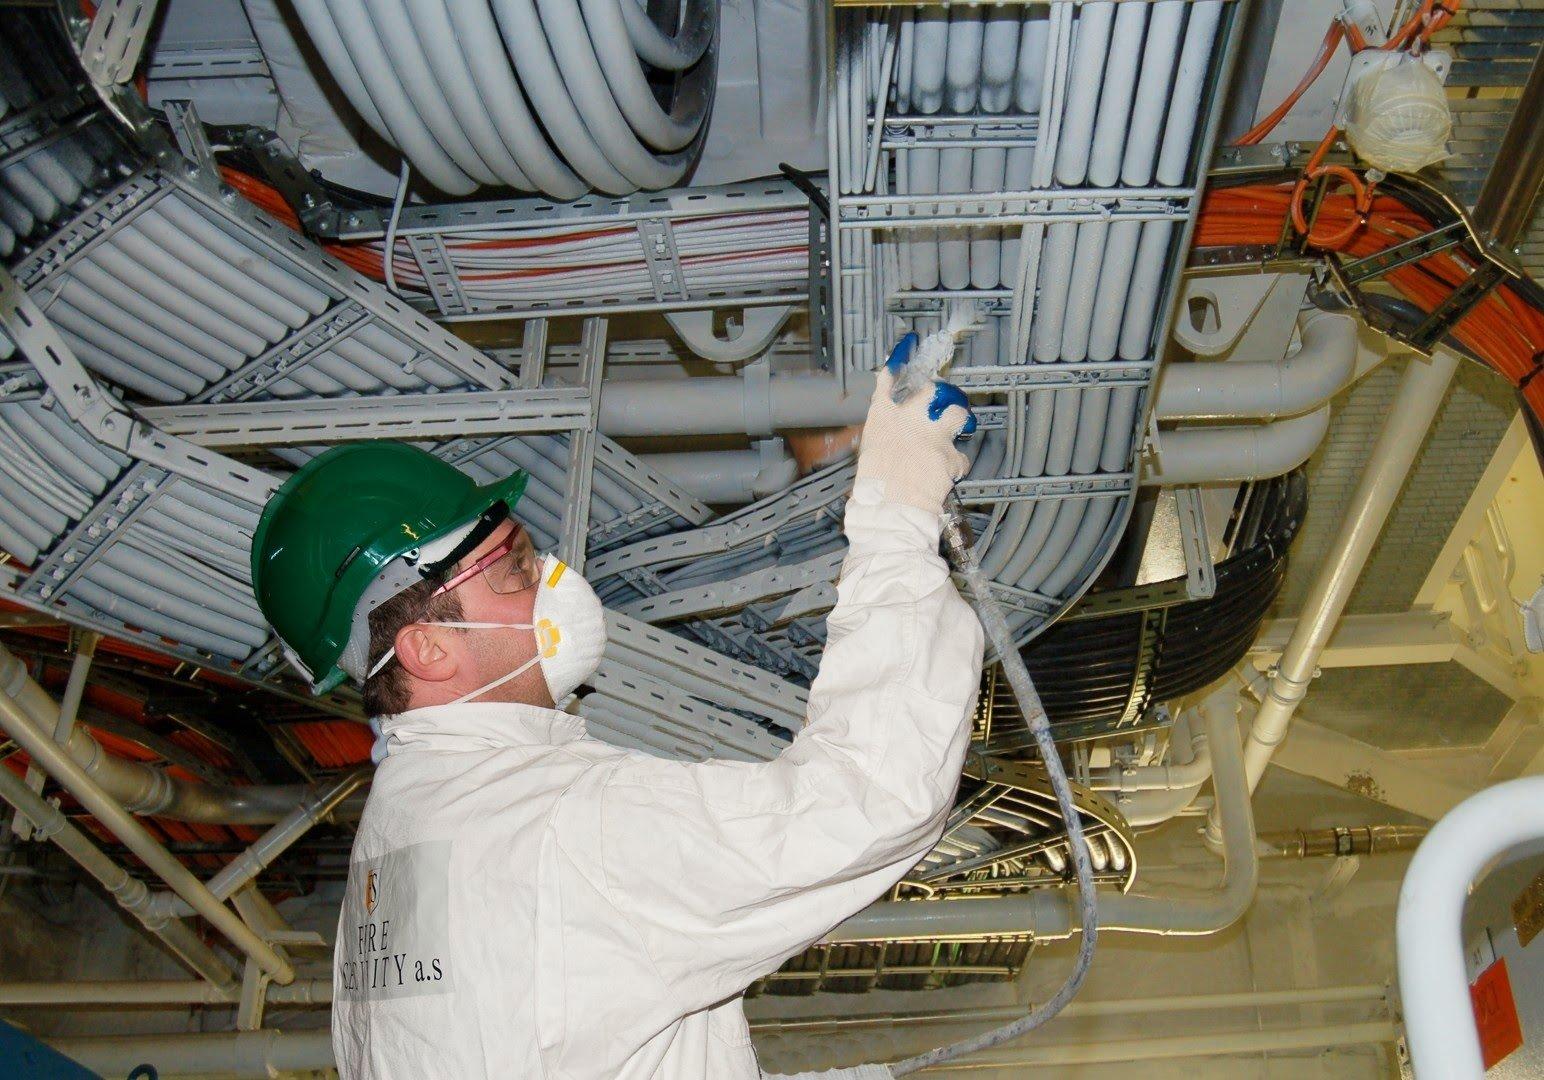 Плановая огнезащитная обработка осуществляется на основании договора. Также владелец объекта обязан заказать внеочередную обработку, если свойства огнезащитных материалов ухудшились.